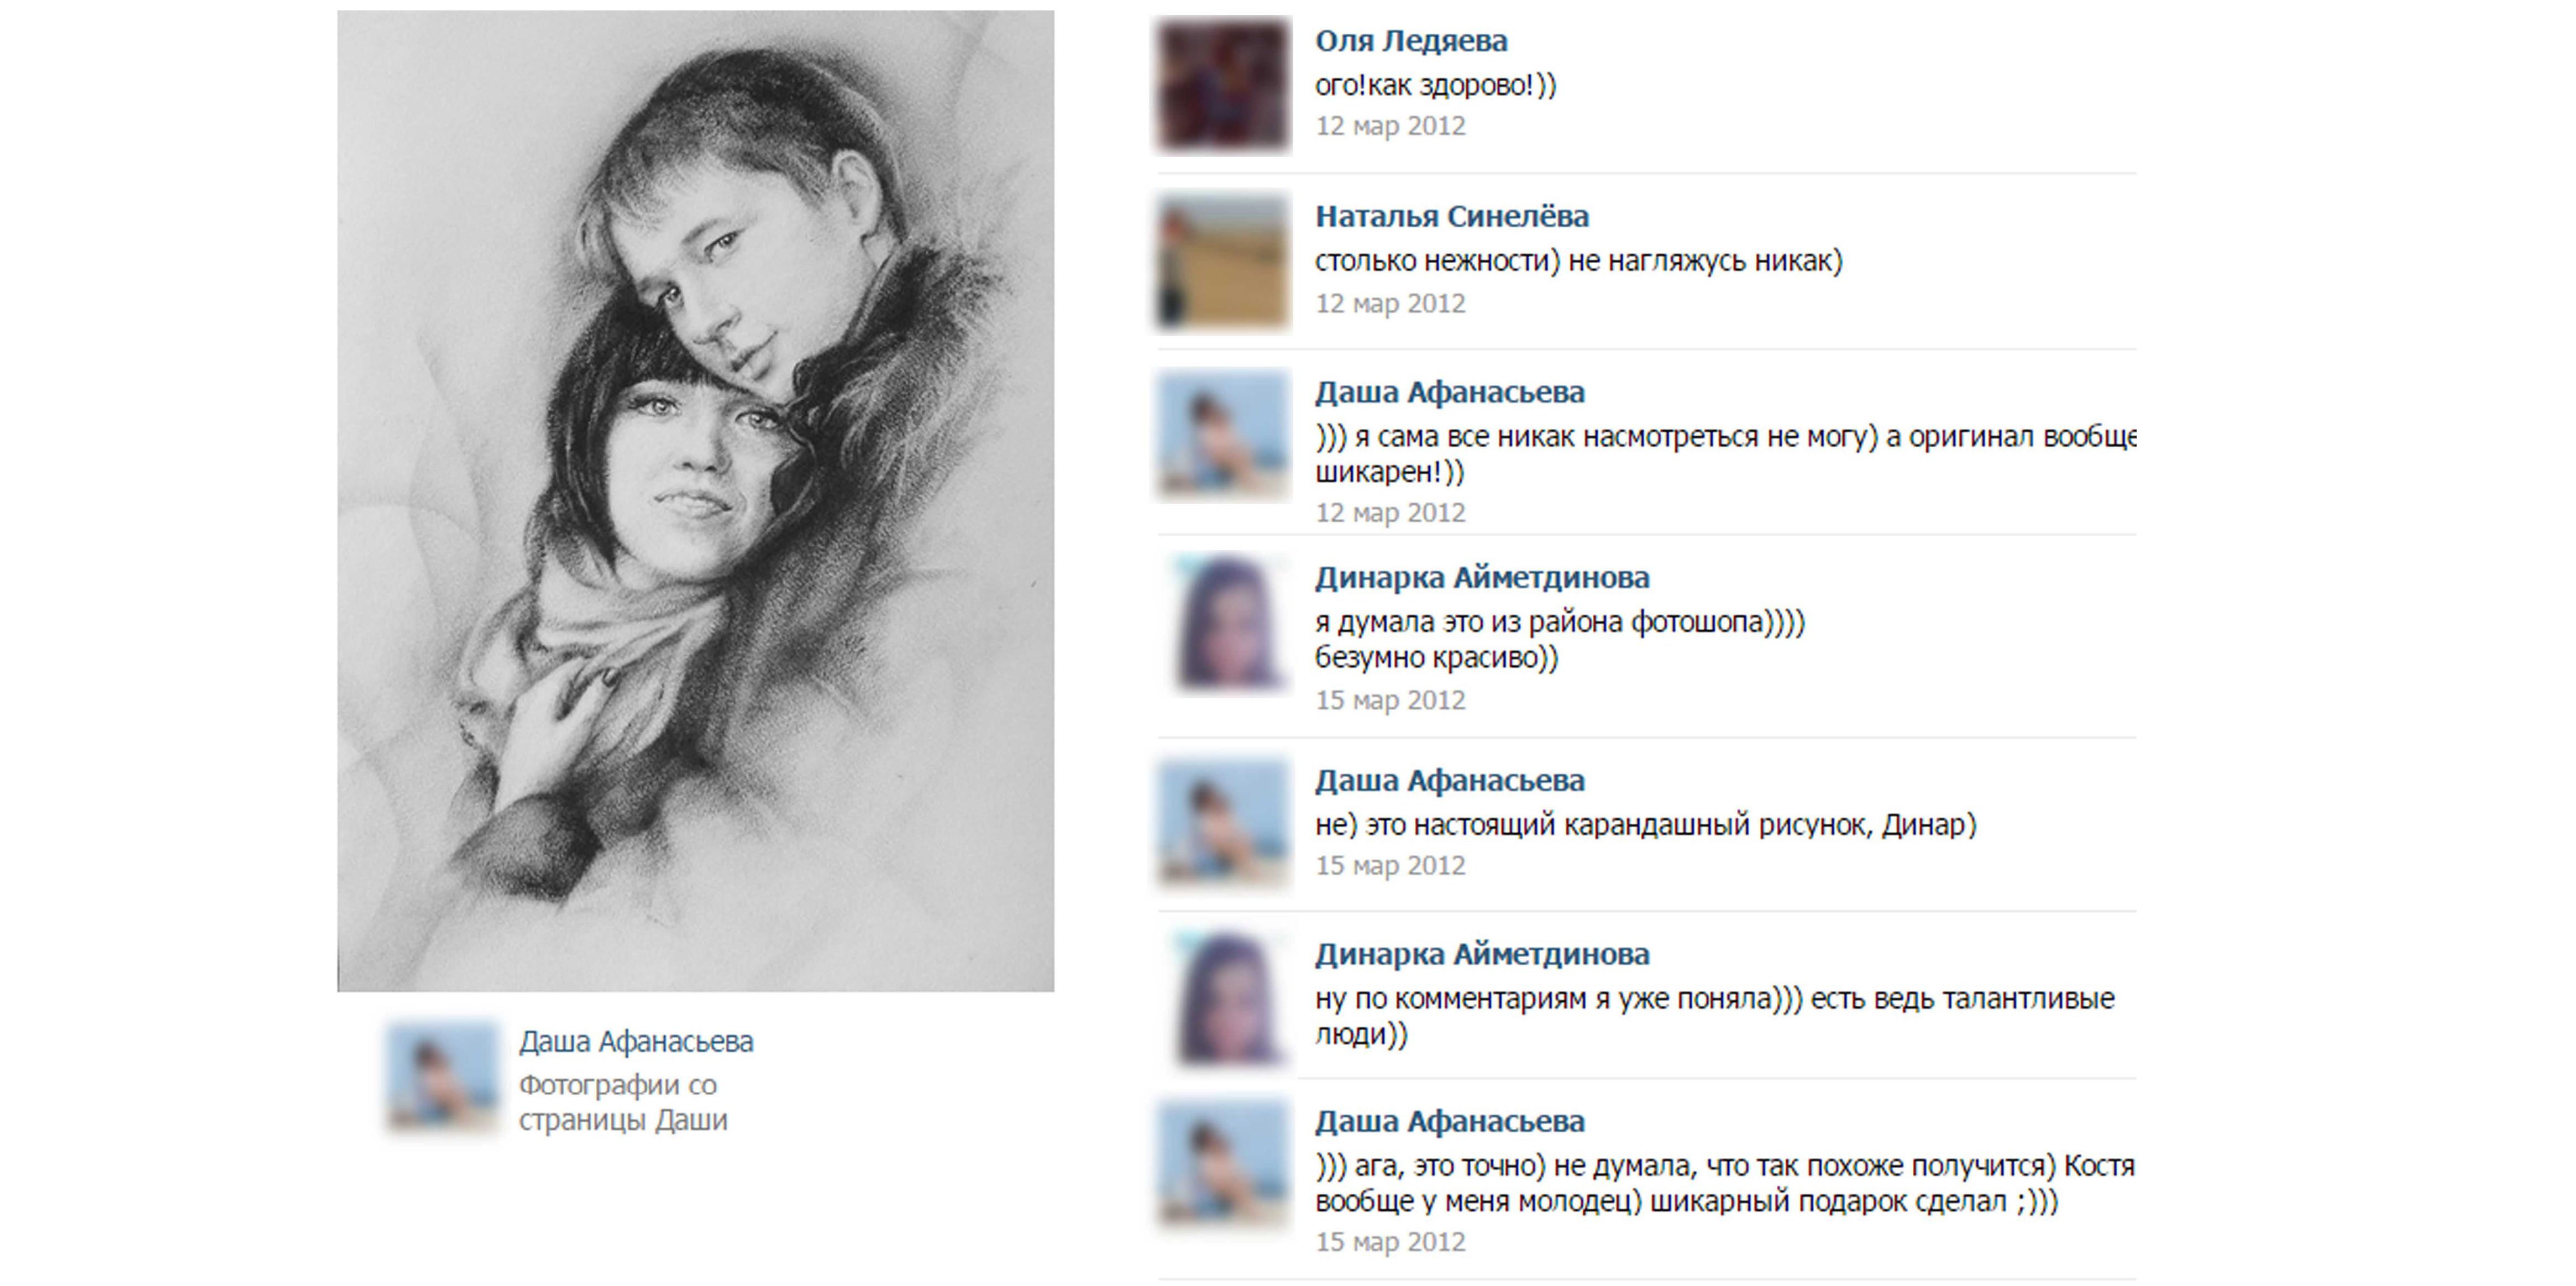 Портрет карандашом в Ульяновске